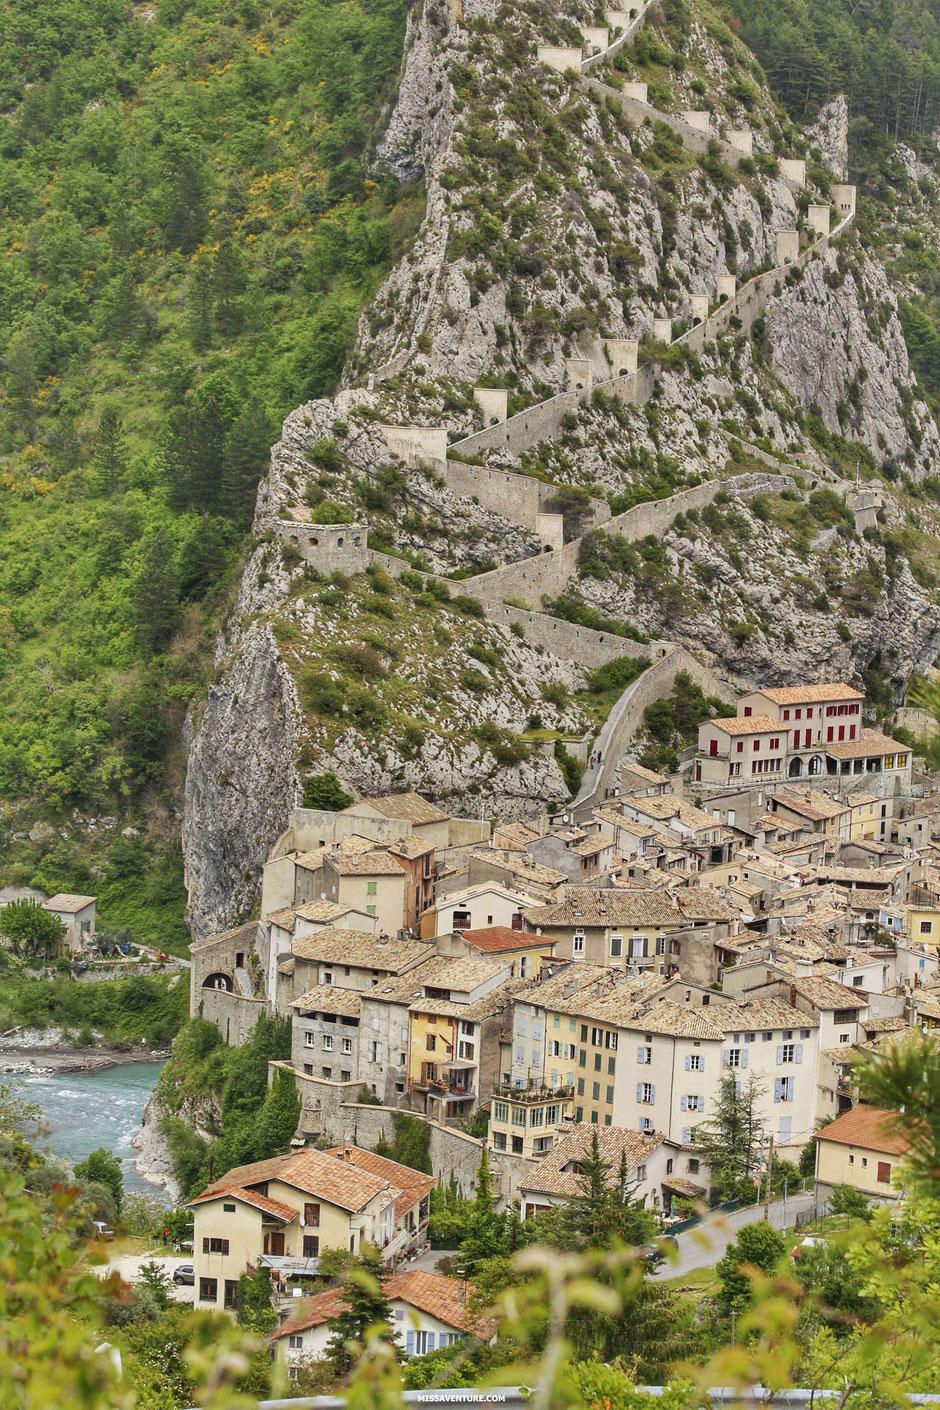 Sur la route pour le colorado nicois, le village médiéval d'Entrevaux (FRANCE). www.missaventure.com blog d'aventures, nature et reflexions green.